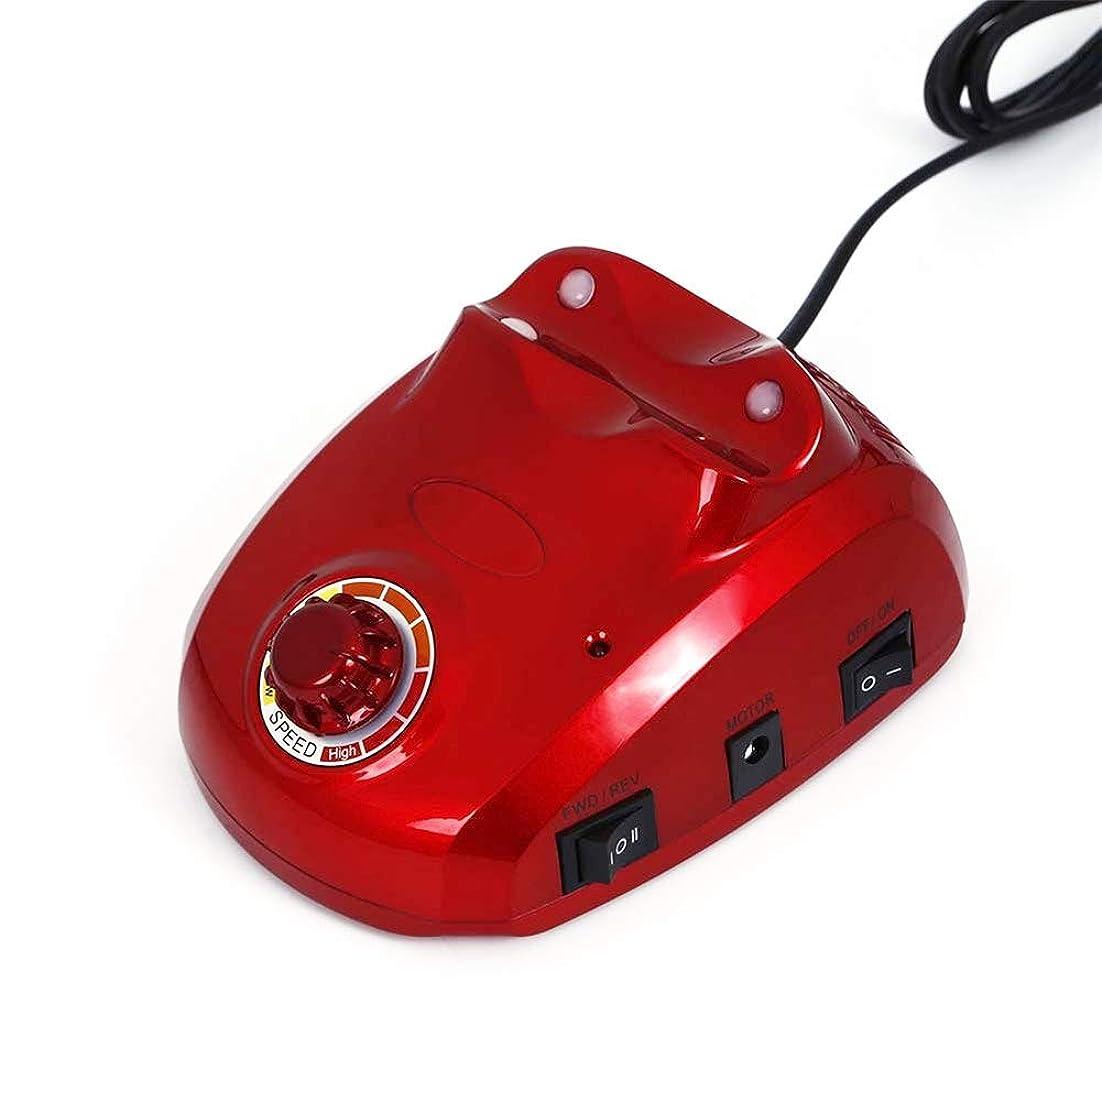 何よりもミキサー引退する30000 rpmネイルマニキュア機電動ネイルドリルビットファイルカッターサンディングバンドアクセサリーセットペディキュア機器機器、赤